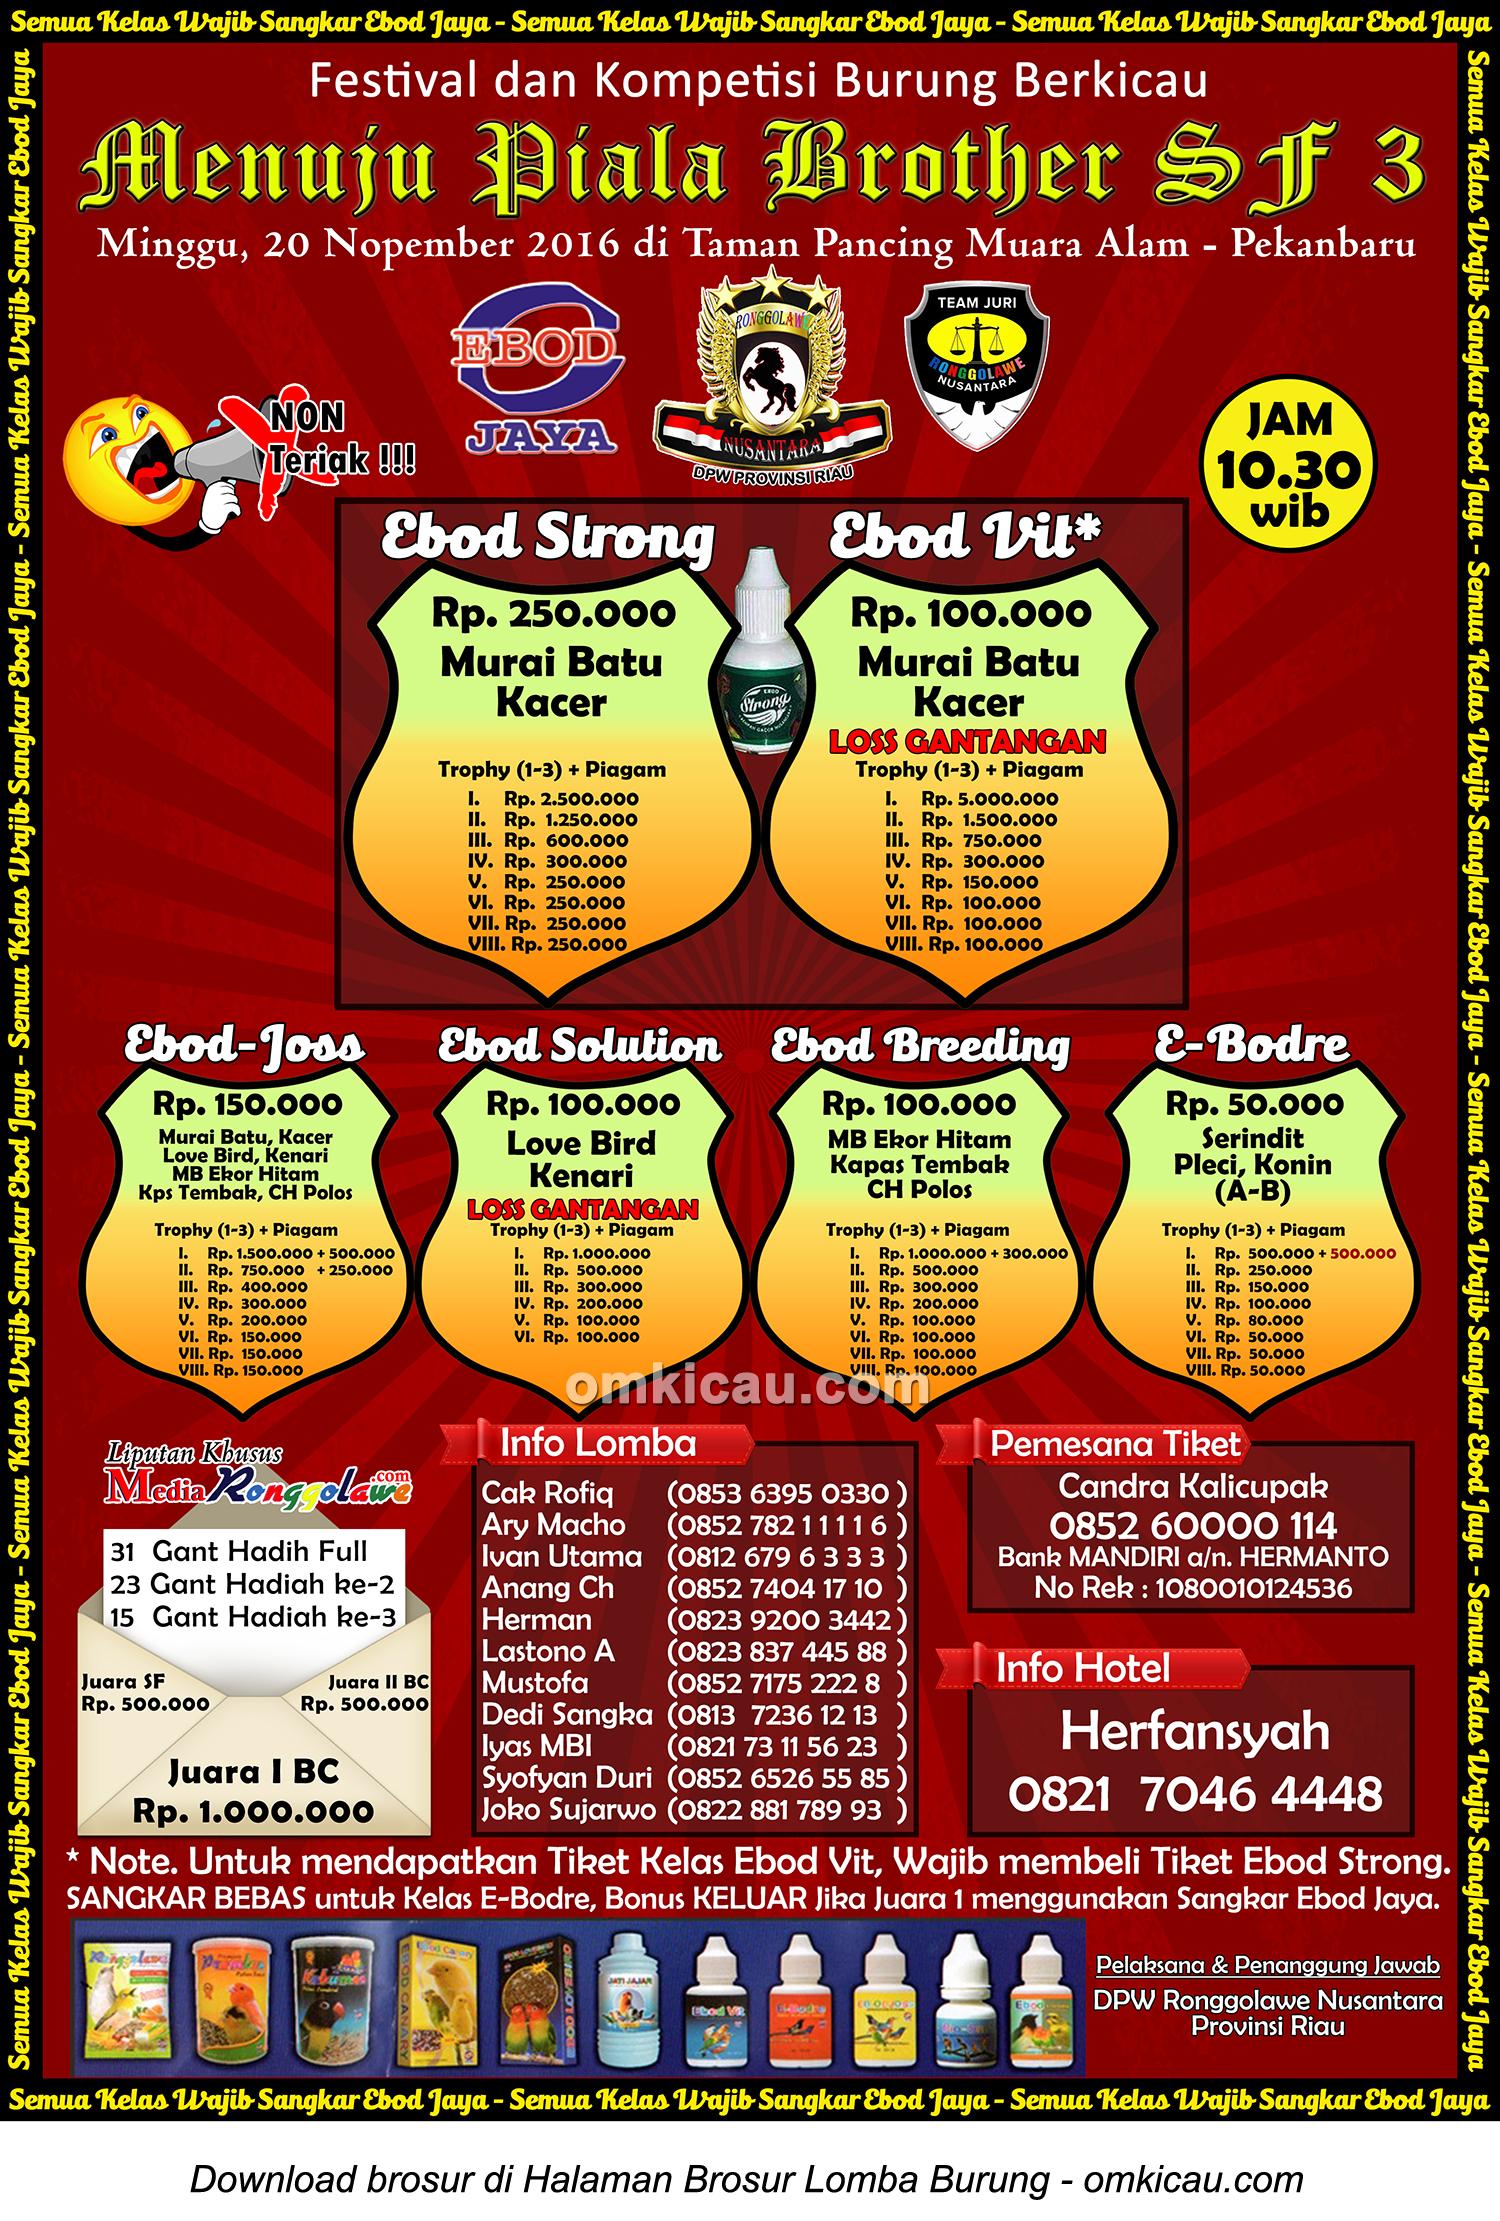 Brosur Terbaru Lomba Burung Berkicau Menuju Piala Brother SF 3, Pekanbaru, 20 November 2016